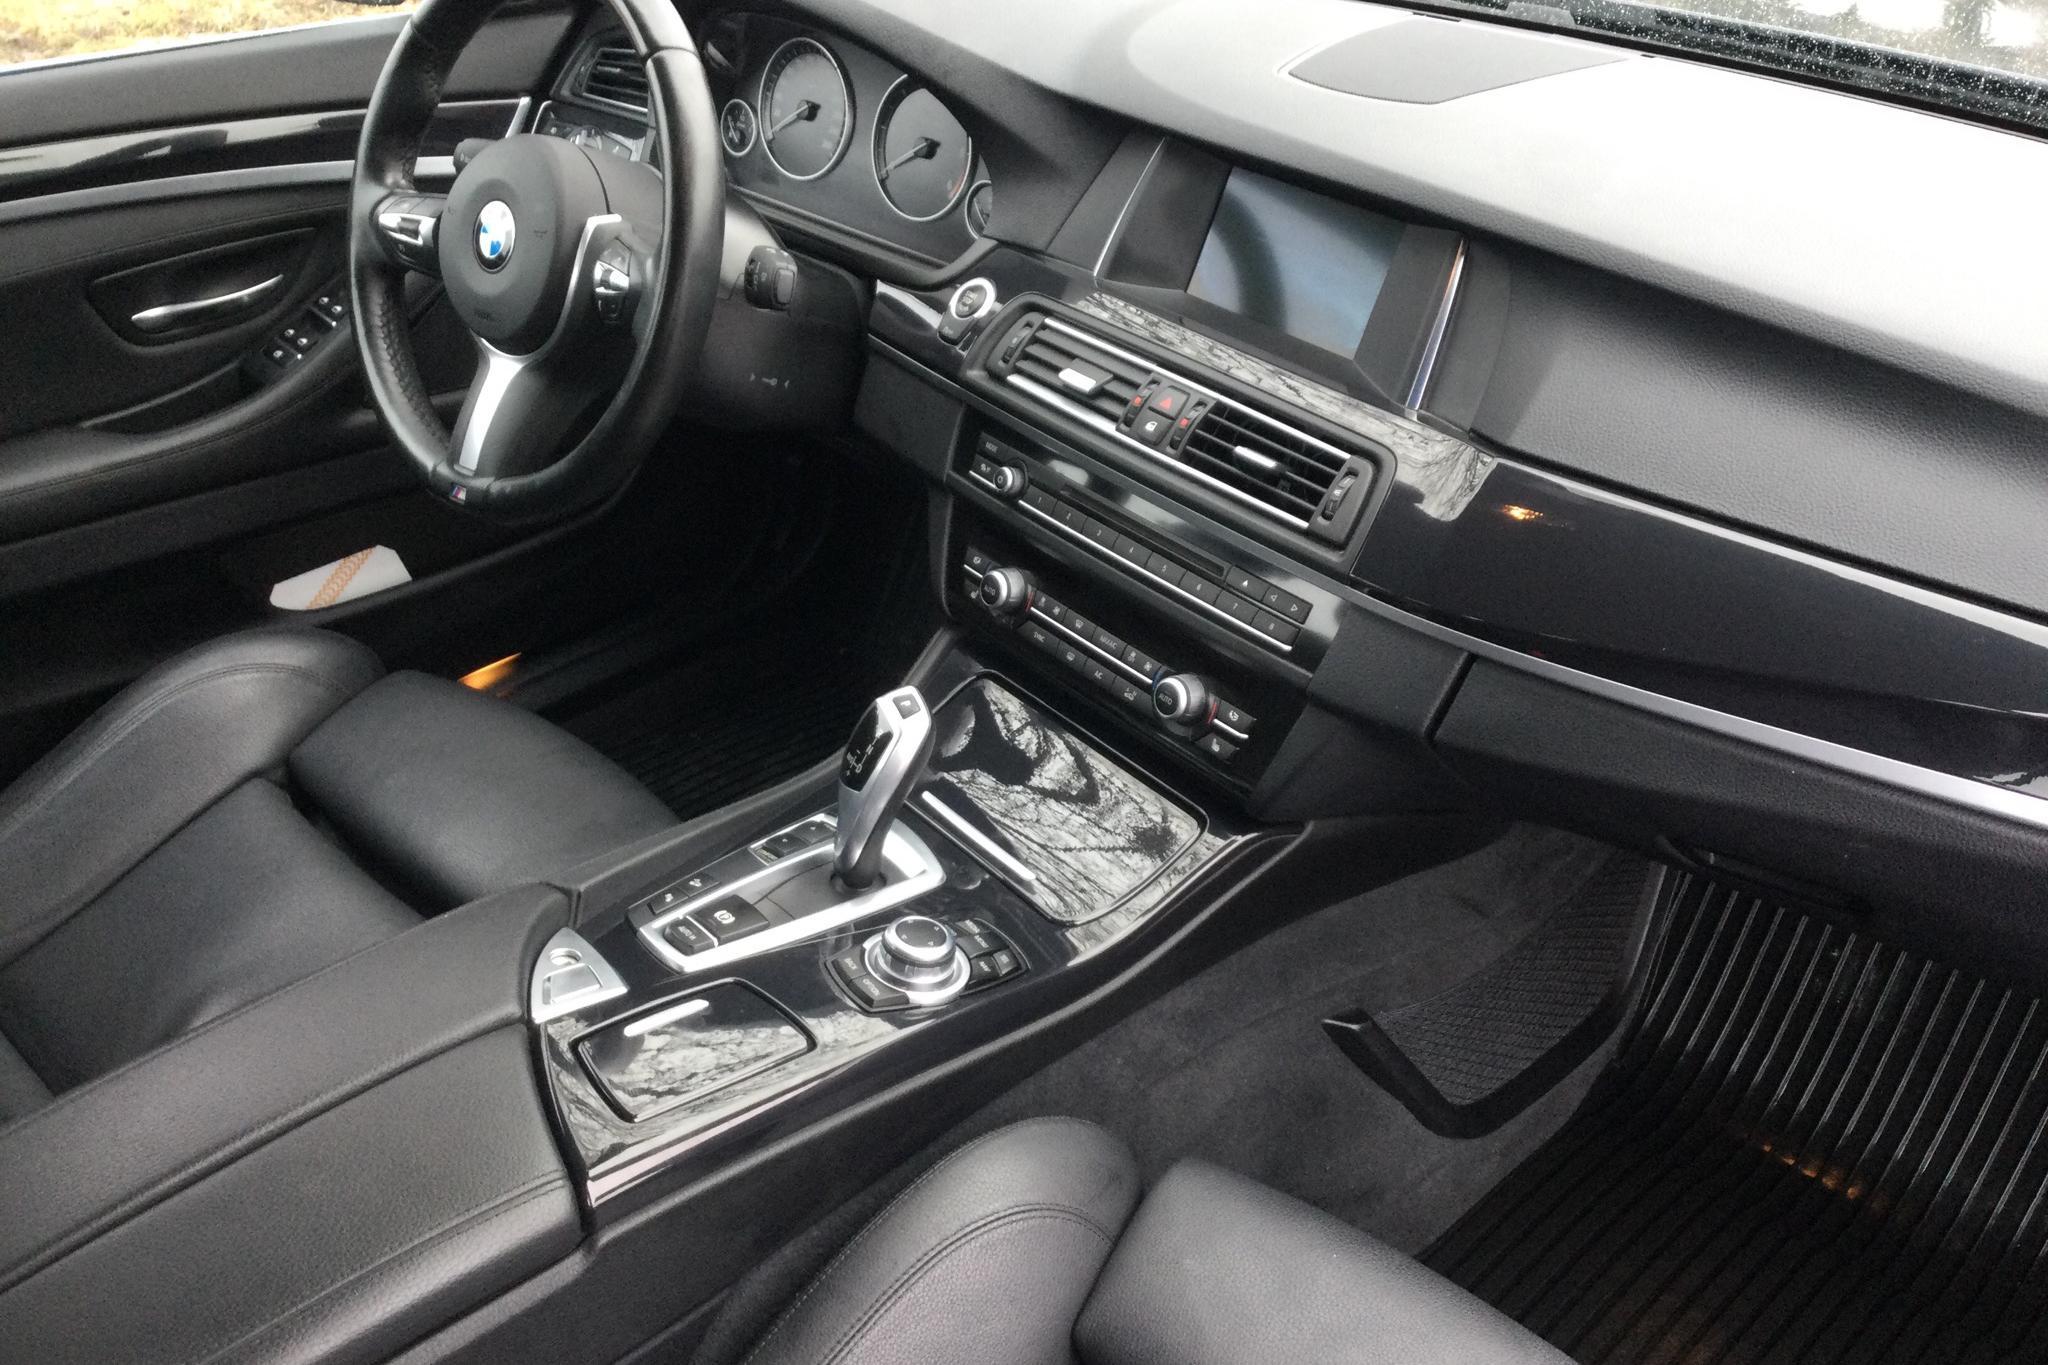 BMW 520d xDrive Touring, F11 (190hk) - 8 065 mil - Automat - blå - 2017